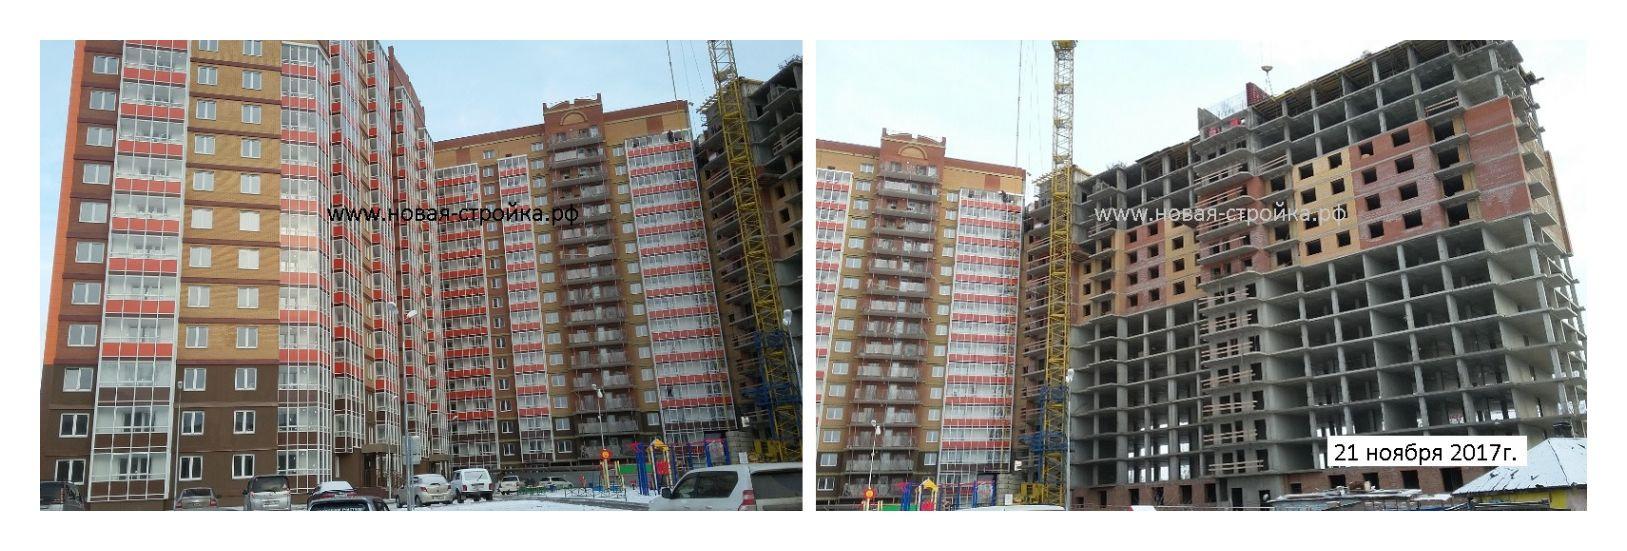 Продажа квартир, нежилых помещений в новостройках Красноярска т.8 (391) 242-42-19, 285-06-37